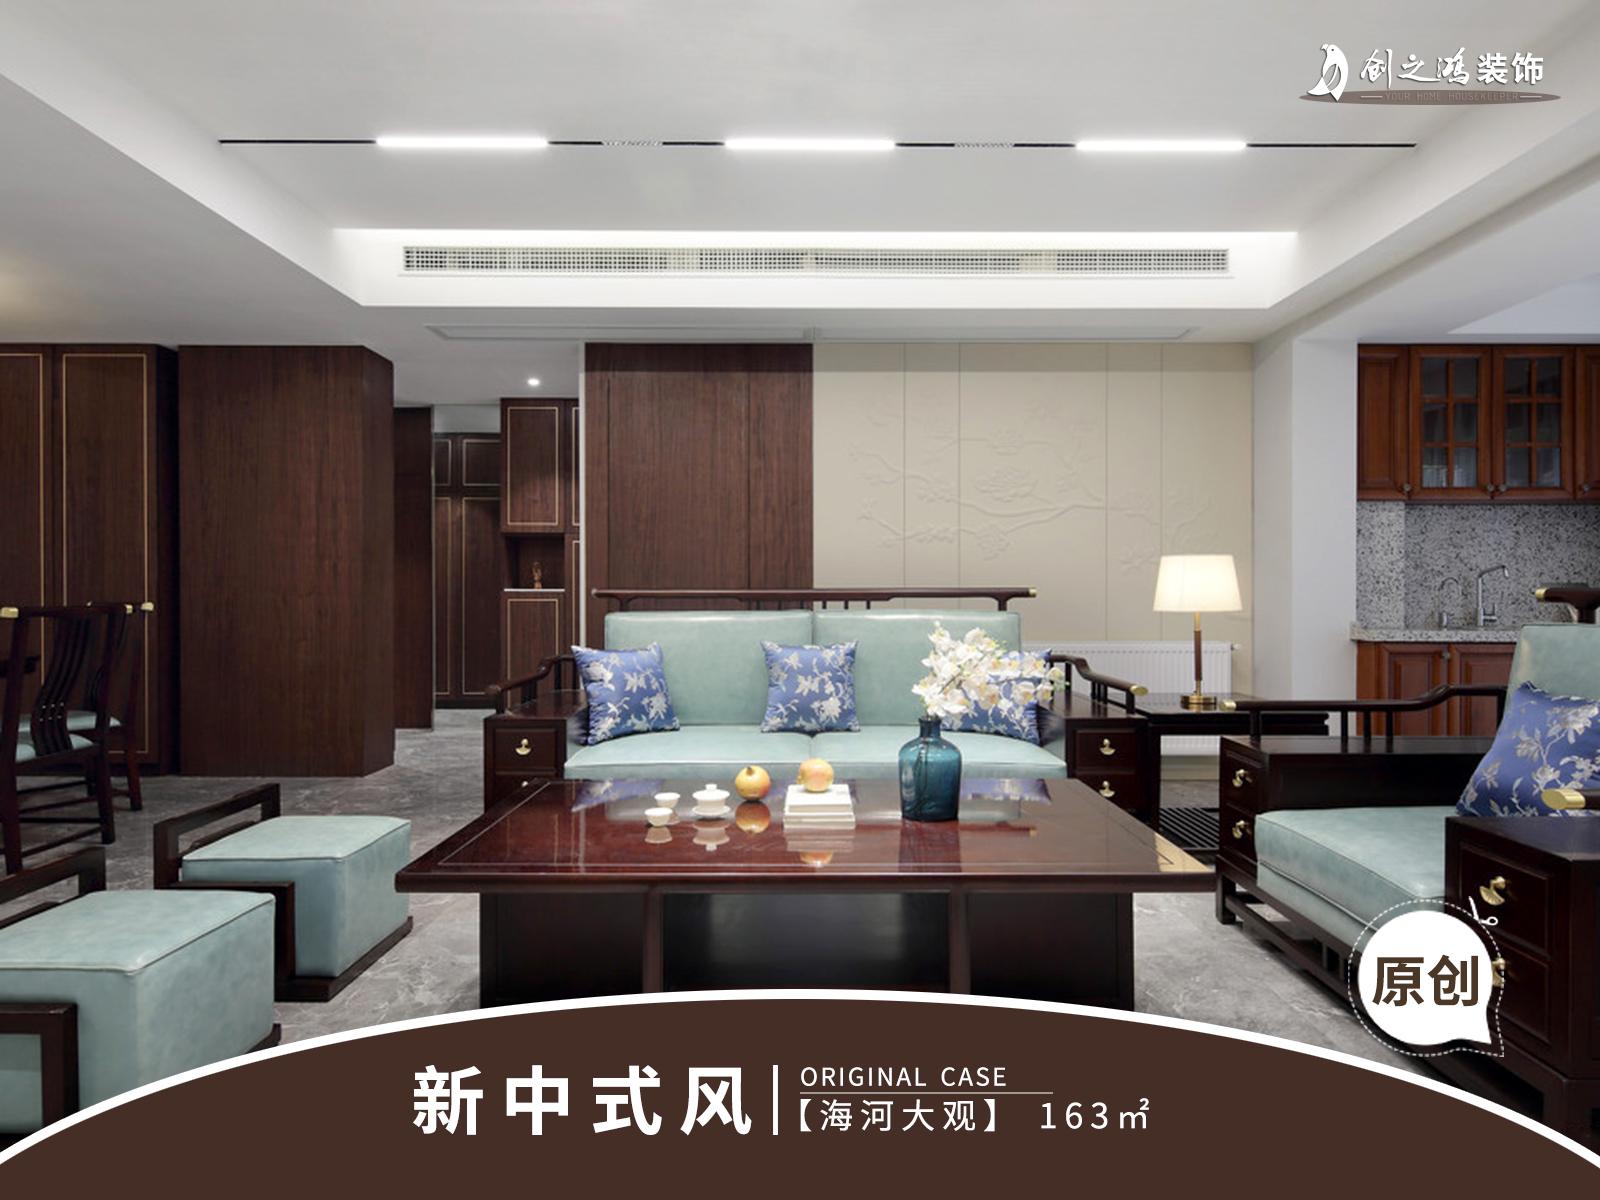 天津市河西区解放南路与湘江道交口海河大观案例分享